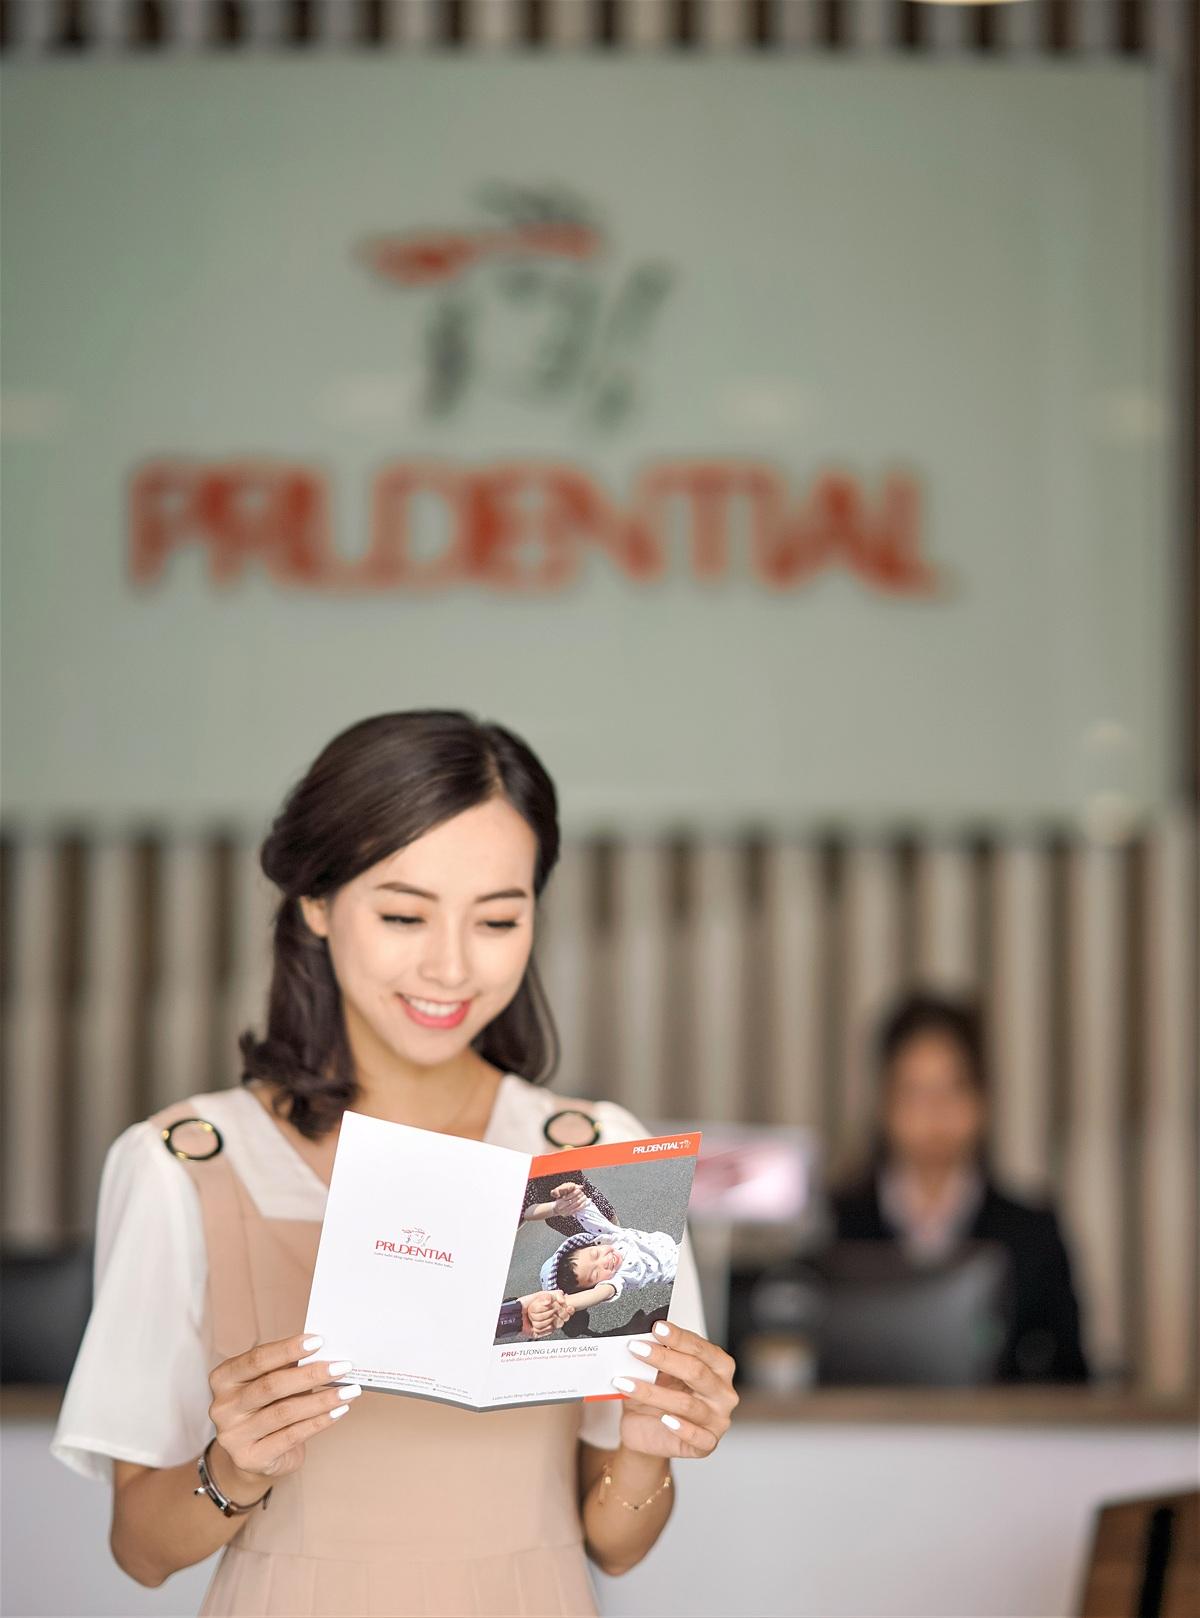 Prudential chú trọng nâng cao trải nghiệm khách hàng. Ảnh: PVA